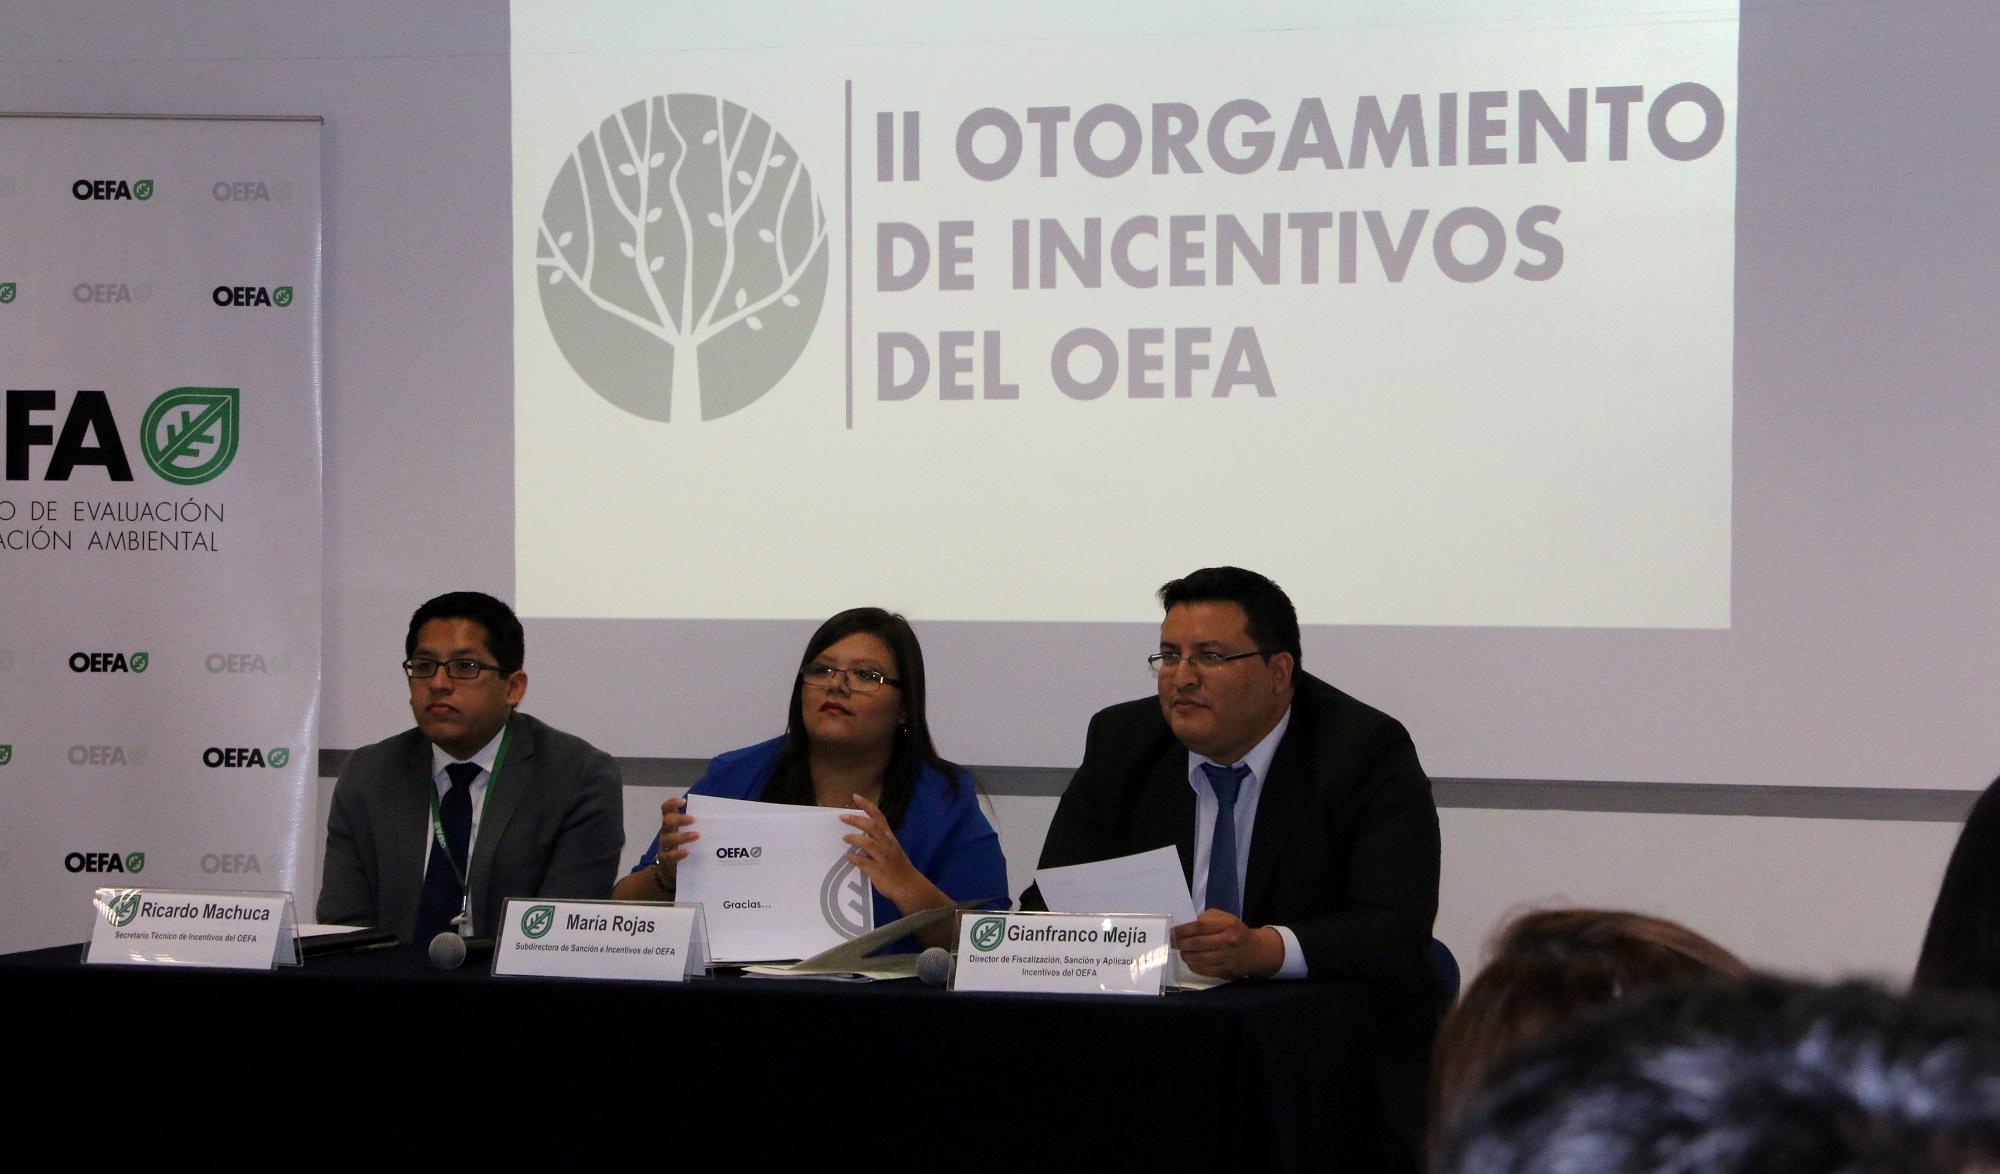 Foto: OEFA.